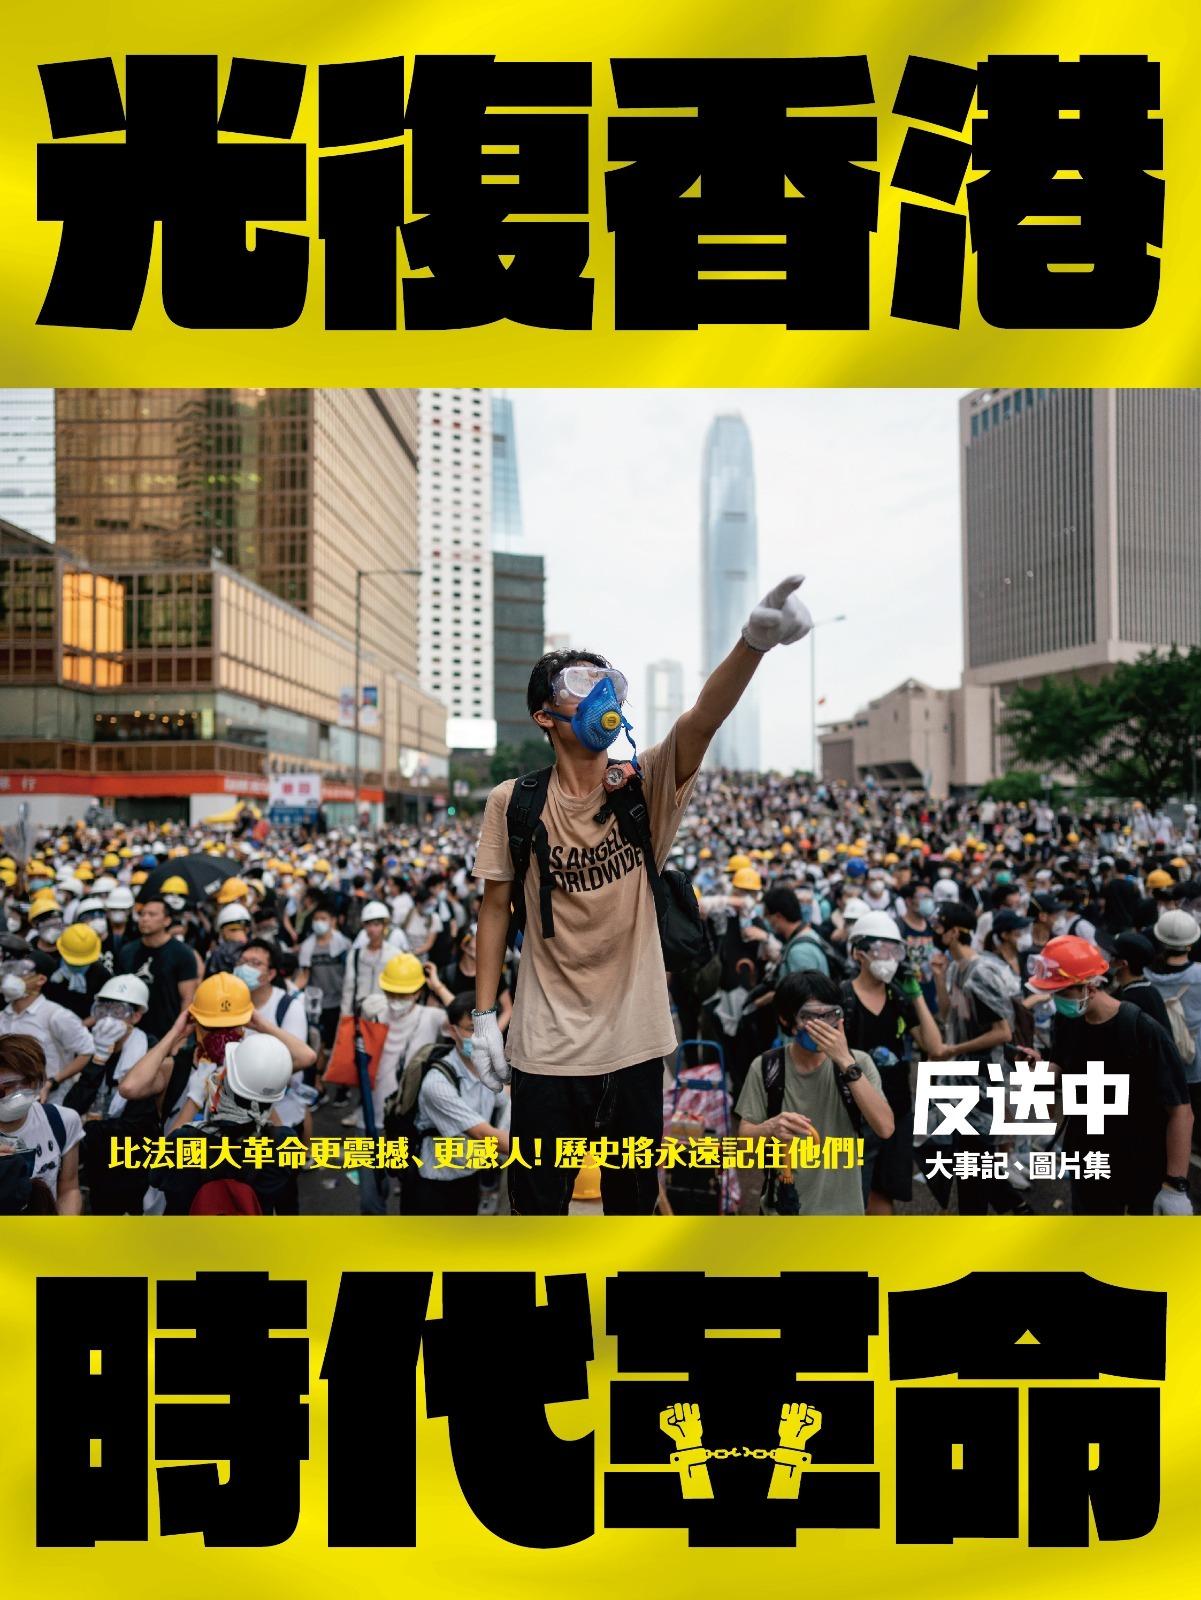 >《光復香港 時代革命》 香港紀念版特刊 台灣限時預購